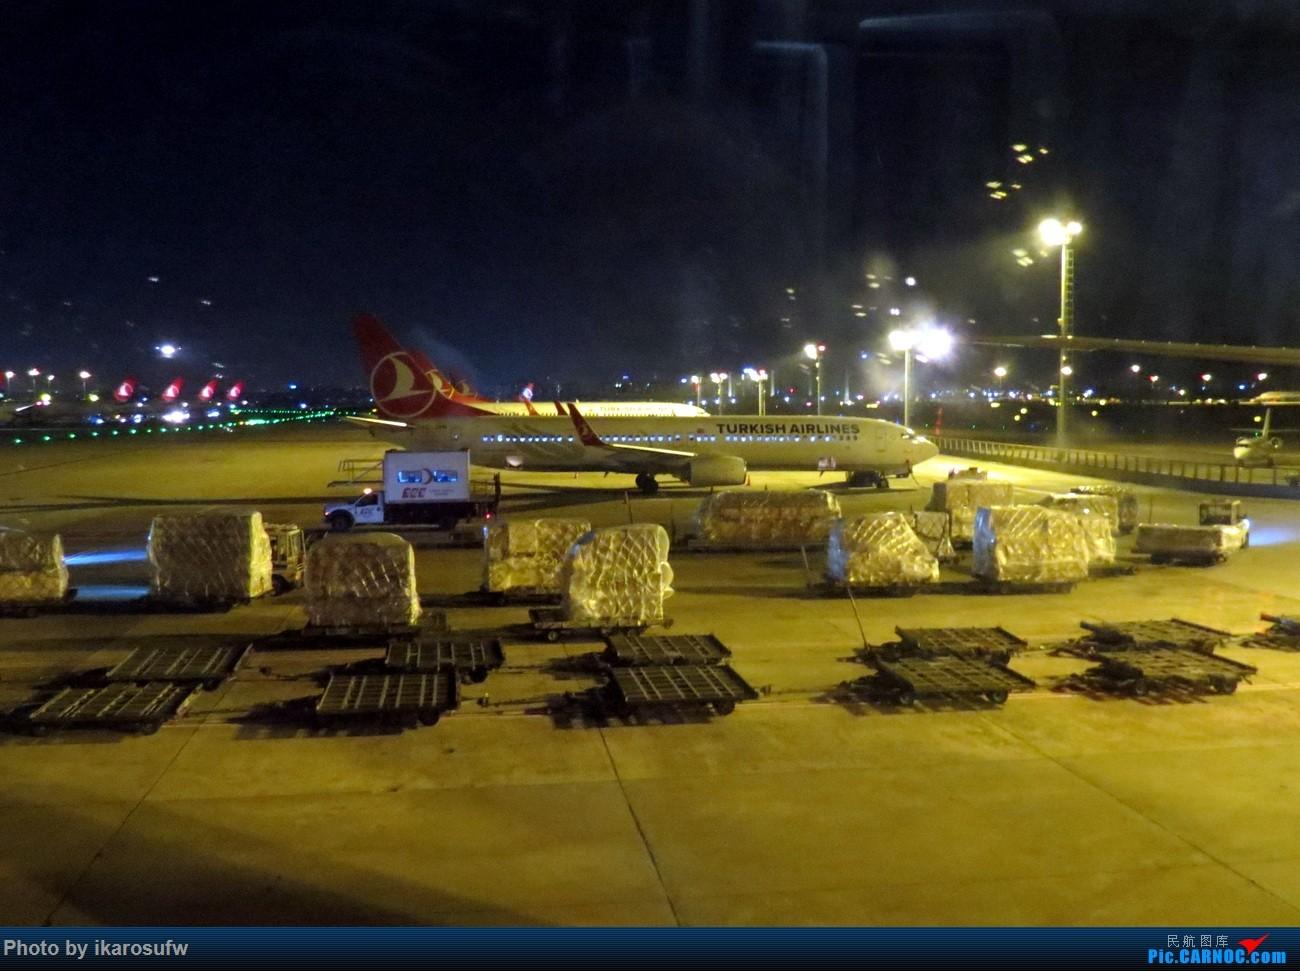 Re:[原创]再次土航 最后的阿塔图尔克 新加坡-伊斯坦布尔-日内瓦往返全纪录 土耳其航空 TK54/55 TK1917/1920 77W 738 321(下)